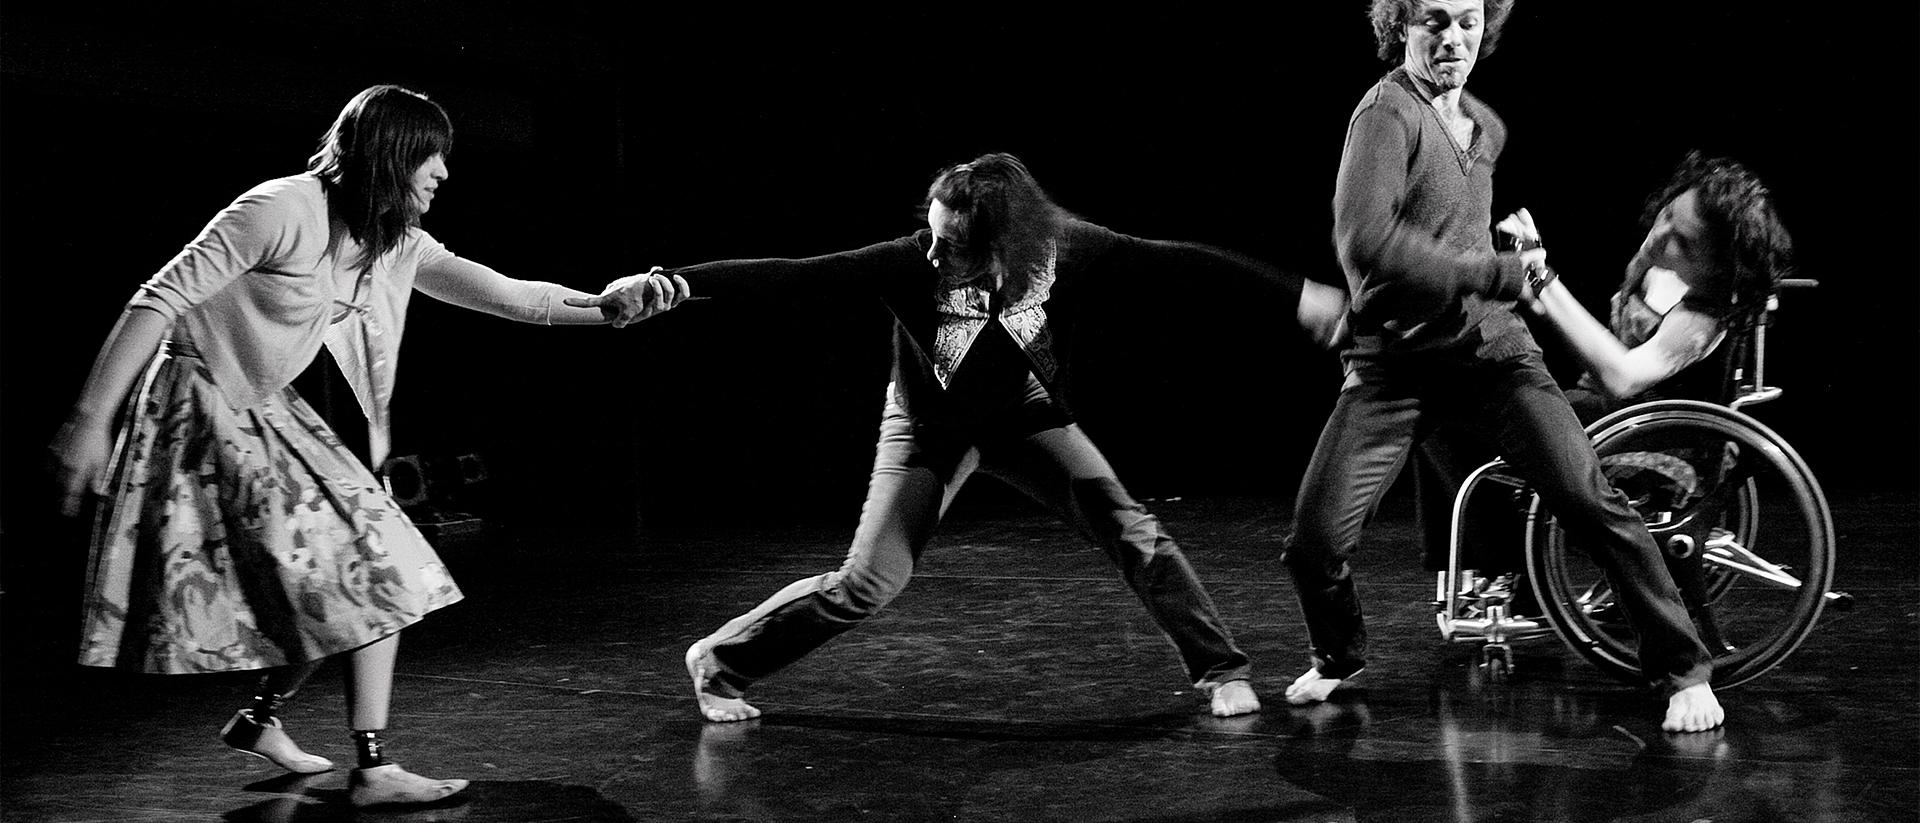 Oiseaux de Malheur interprétée par Estelle Clareton Marie-Hélène Bellavance, Annie De Pauw, Tom Casey, France Geoffroy de Corpuscule Danse